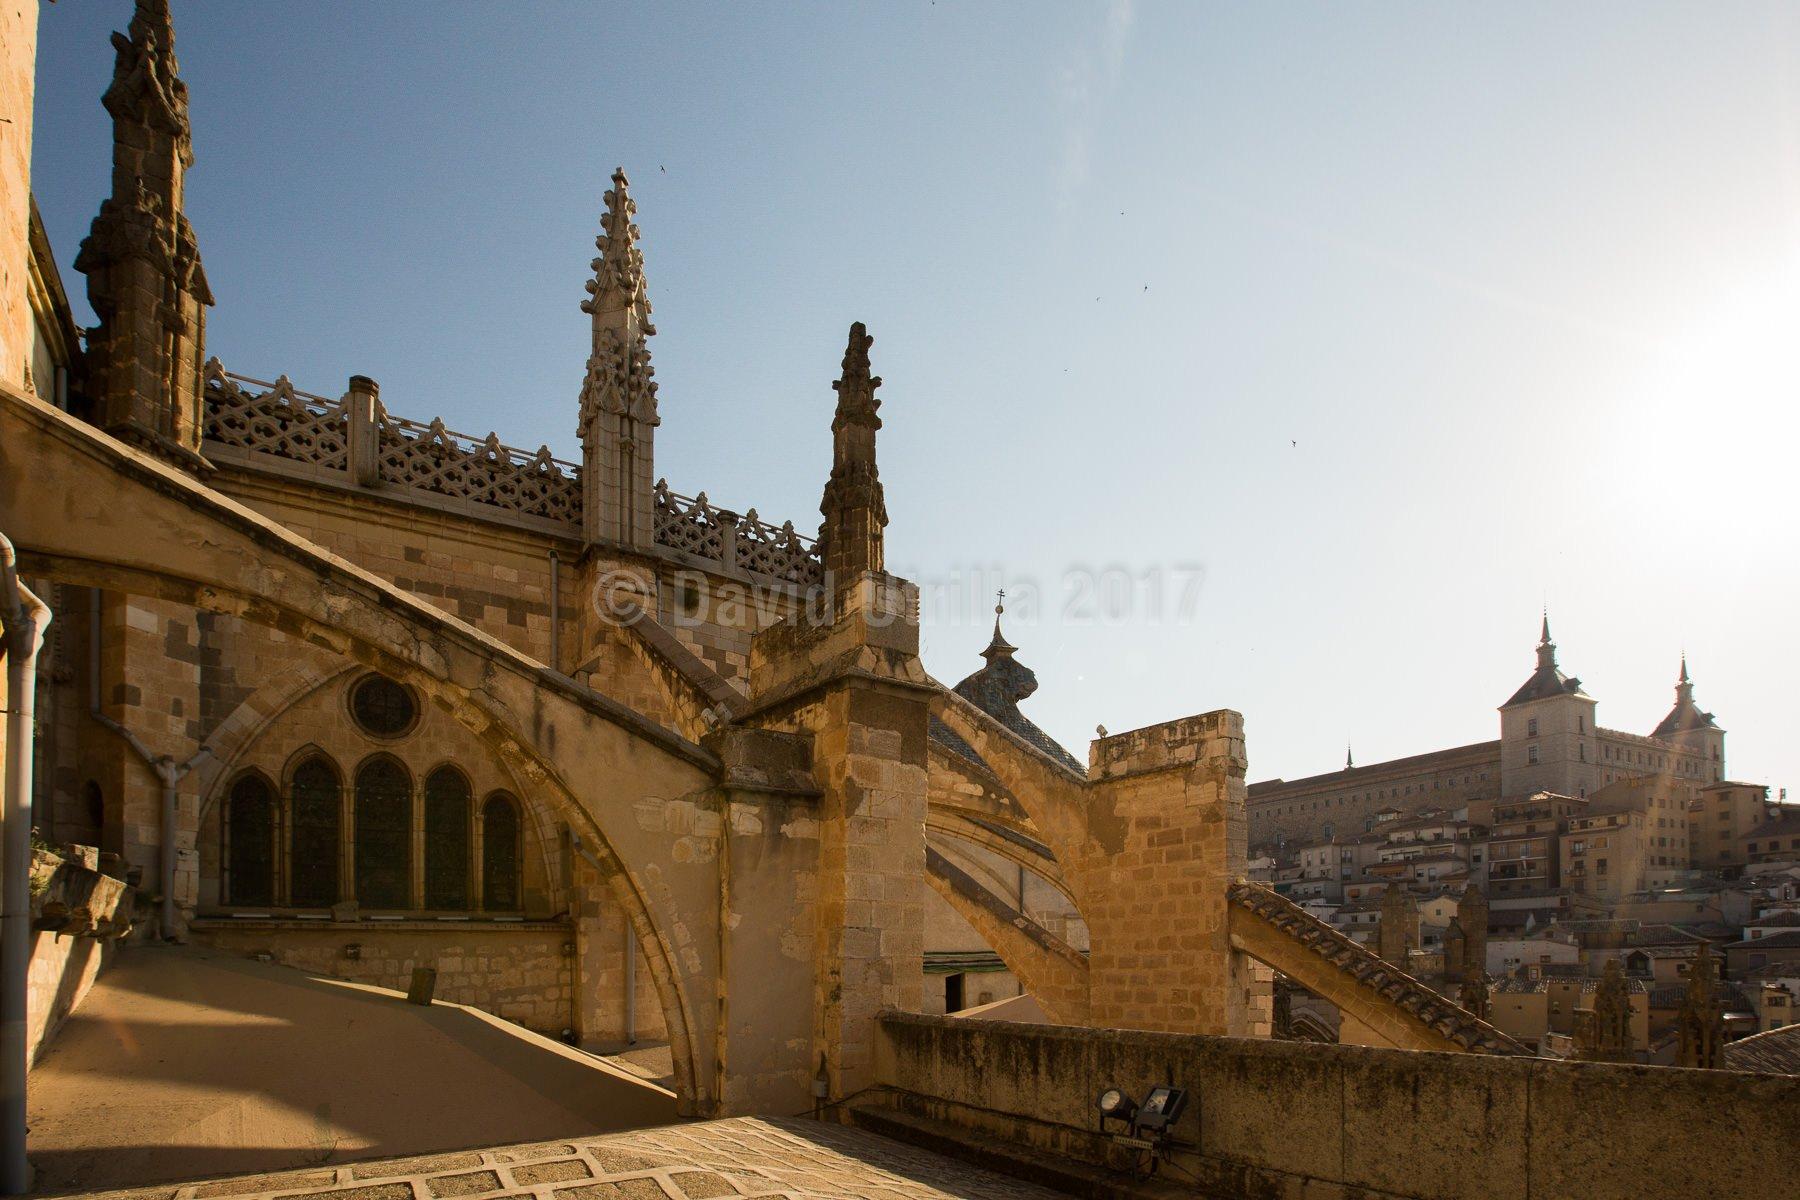 Arbotantes y contrafuertes sobre las cubiertas de la Catedral de Toledo